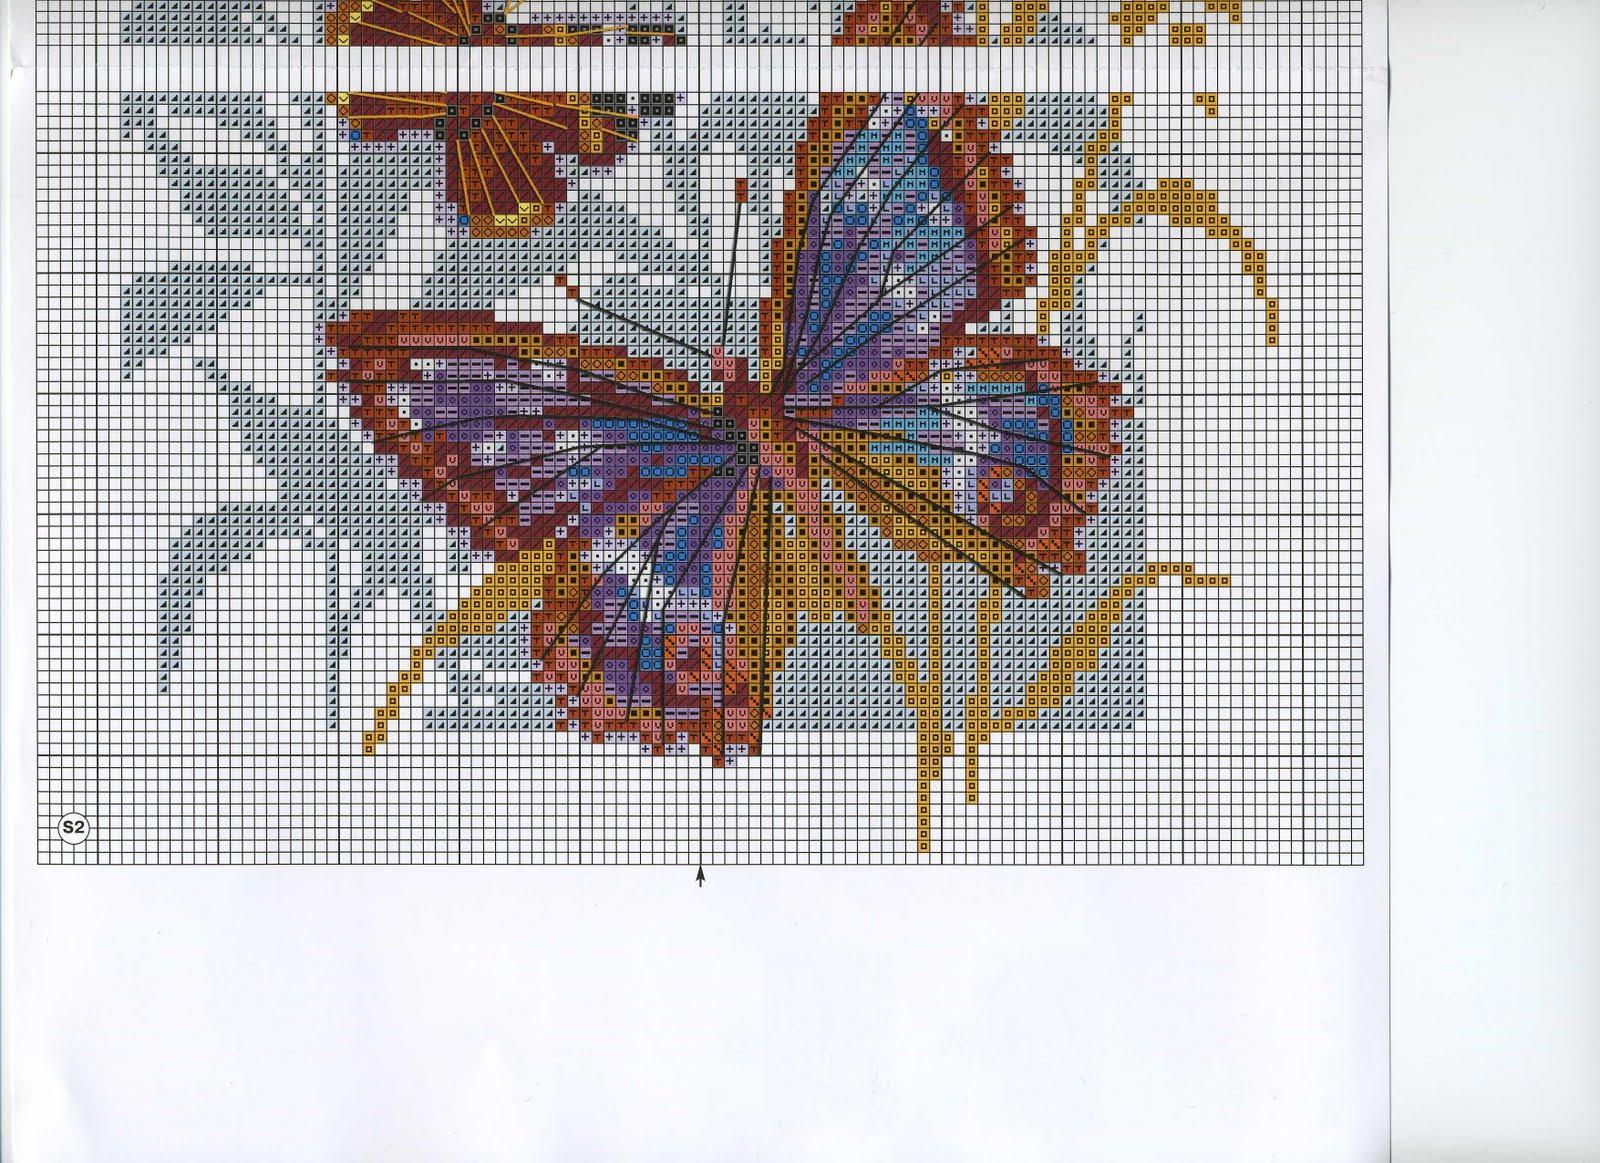 Купить раскраски по номерам по сюжету бабочки в Москве 43